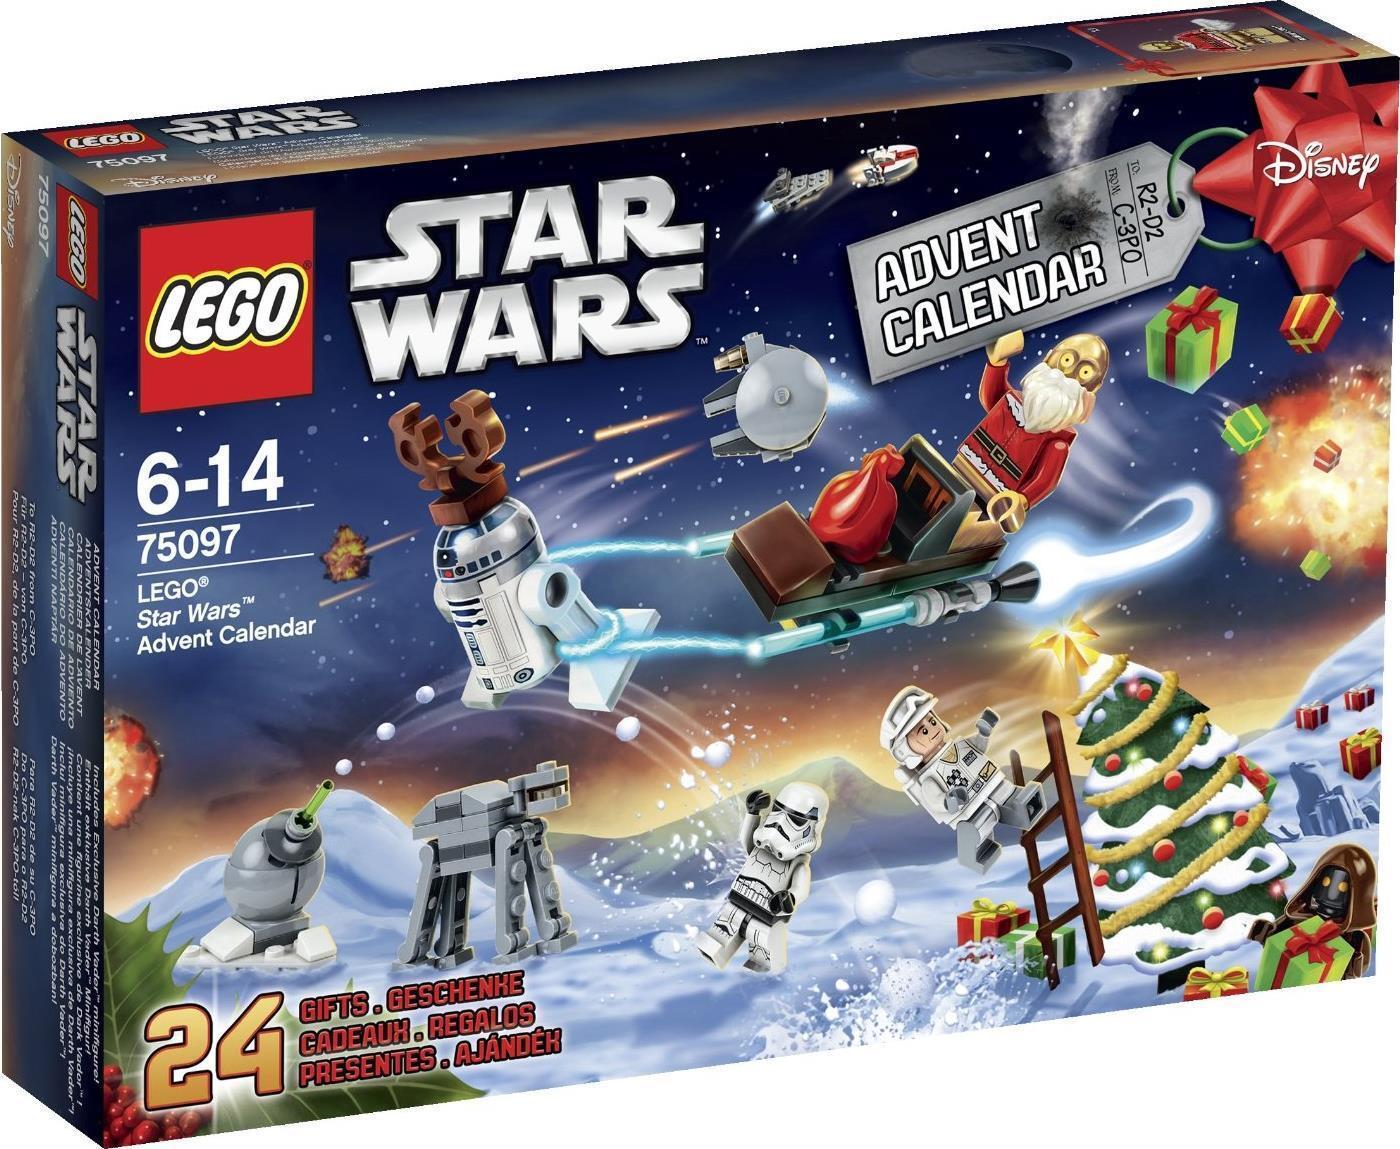 LEGO Star Wars Guerre Stellari 75097 Calendario dell'Avvento  2015 NUOVO